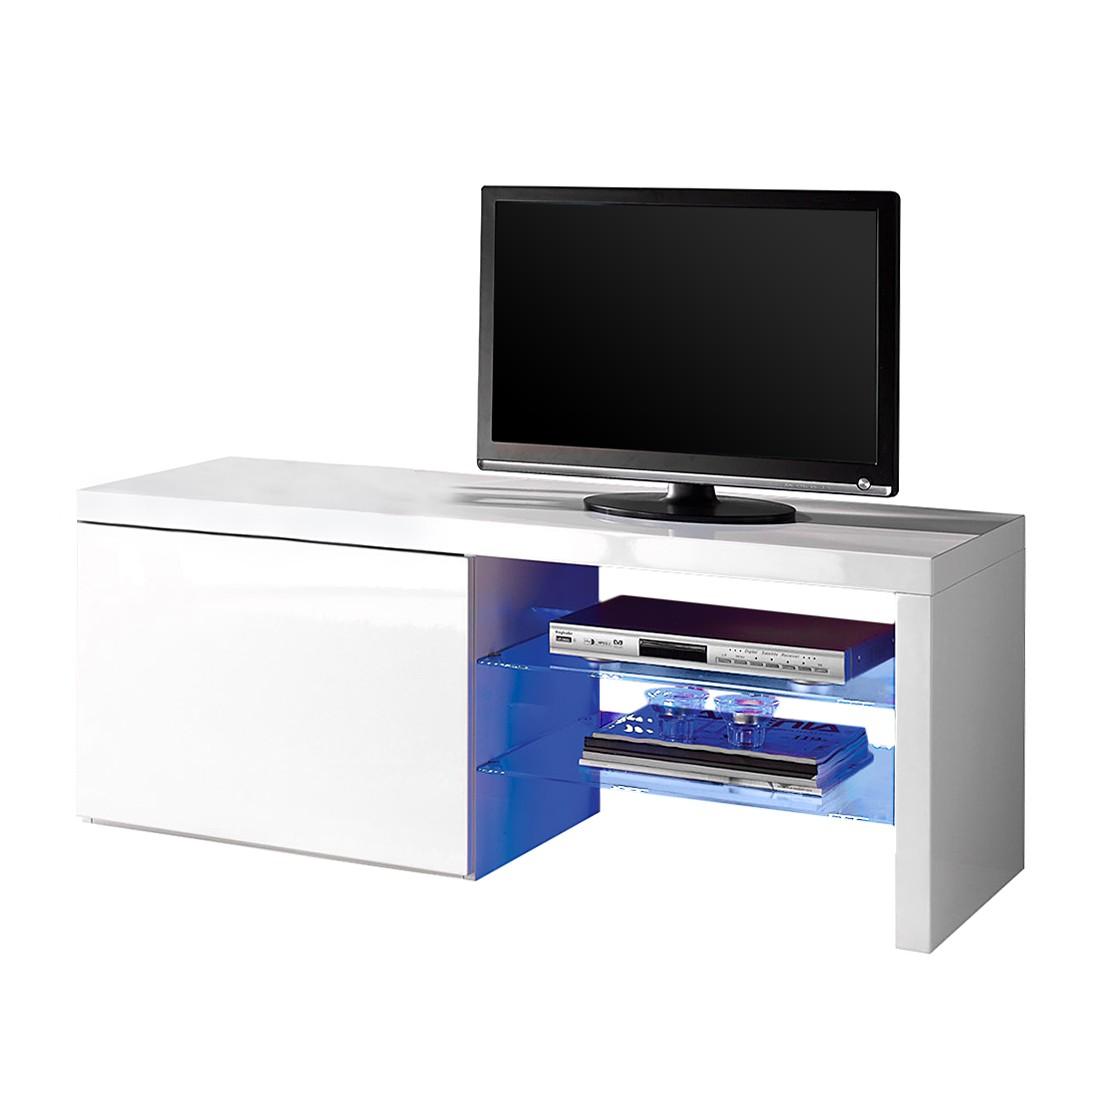 schrank bad hochglanz preisvergleich die besten angebote. Black Bedroom Furniture Sets. Home Design Ideas